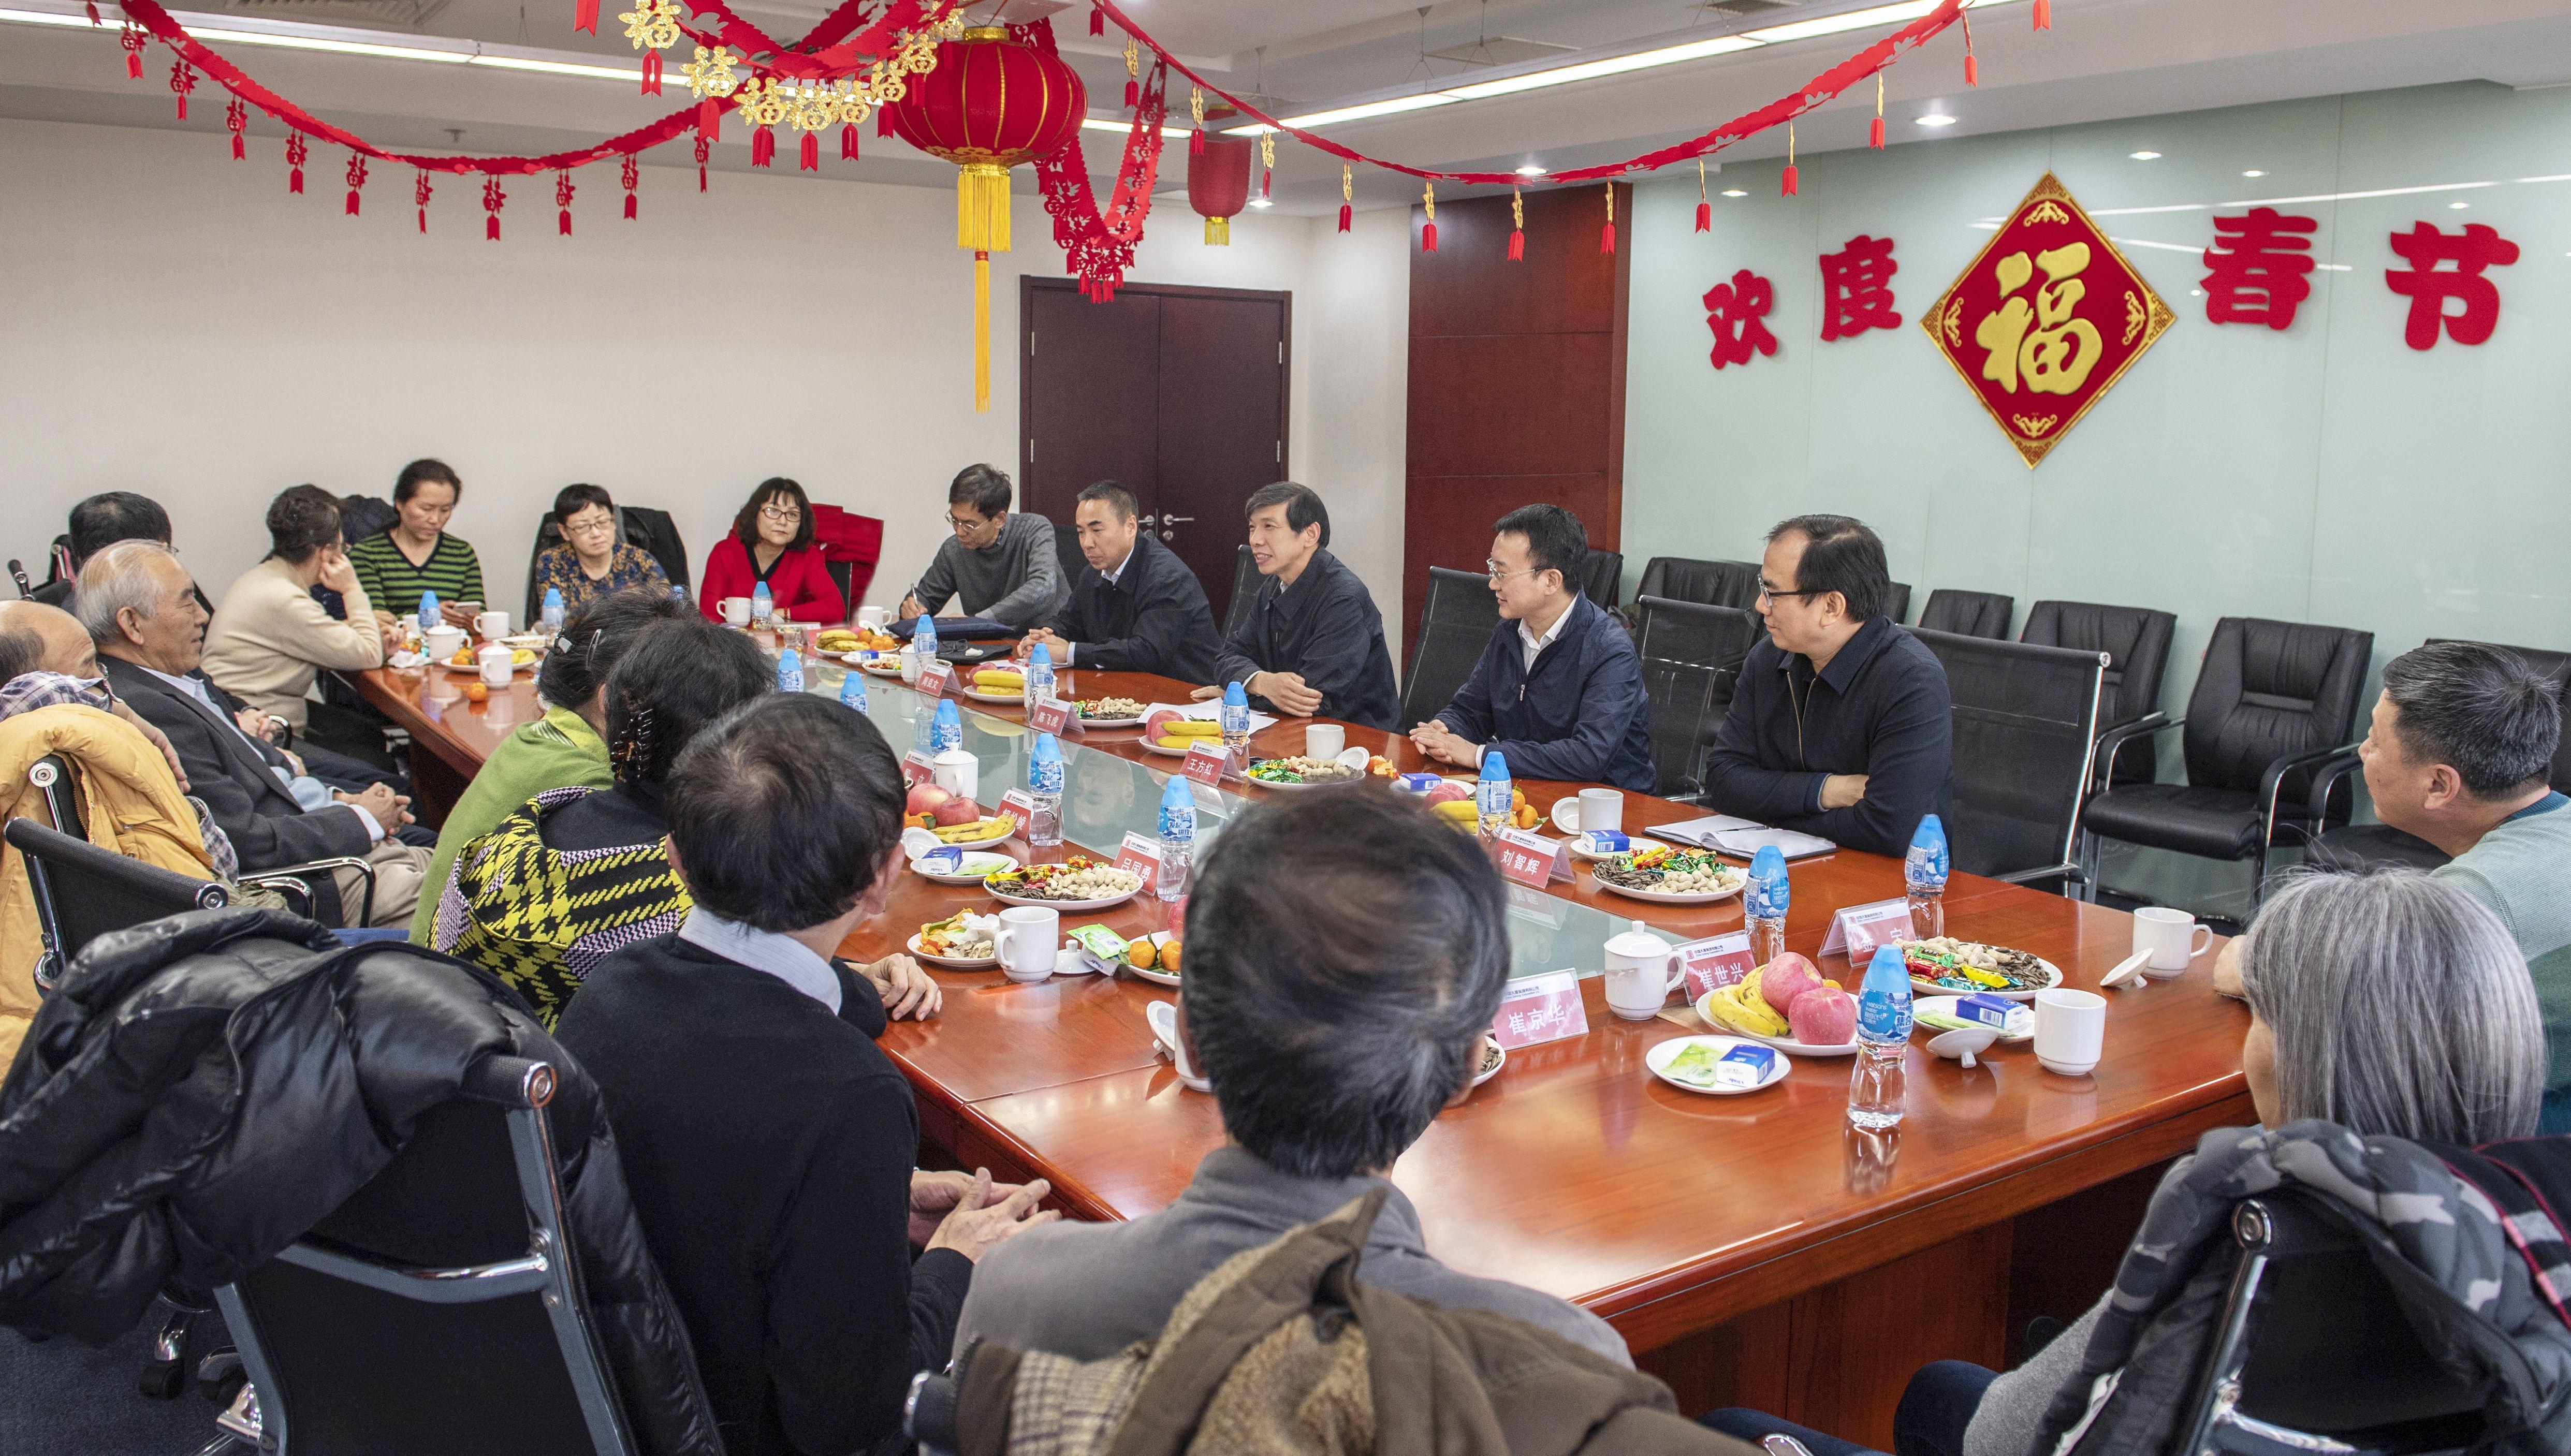 集团公司召开总部老同志迎新春座谈会